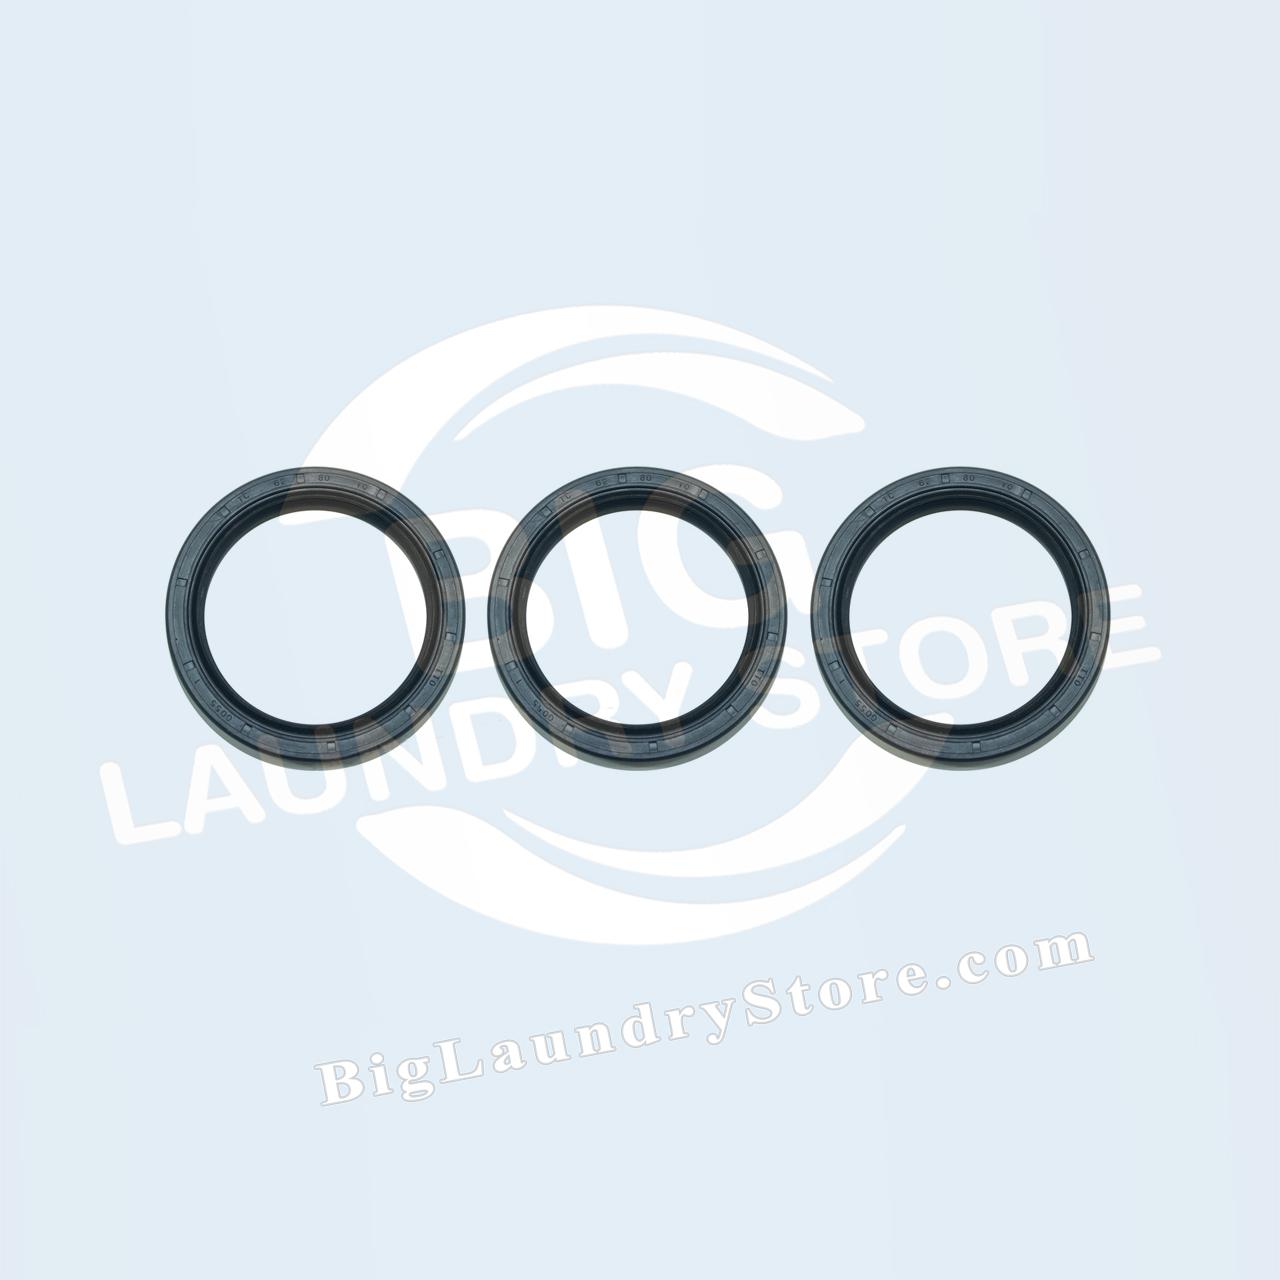 Three (3) 62-80-10 Seals for Wascomat W125 - Wascomat # 990208S